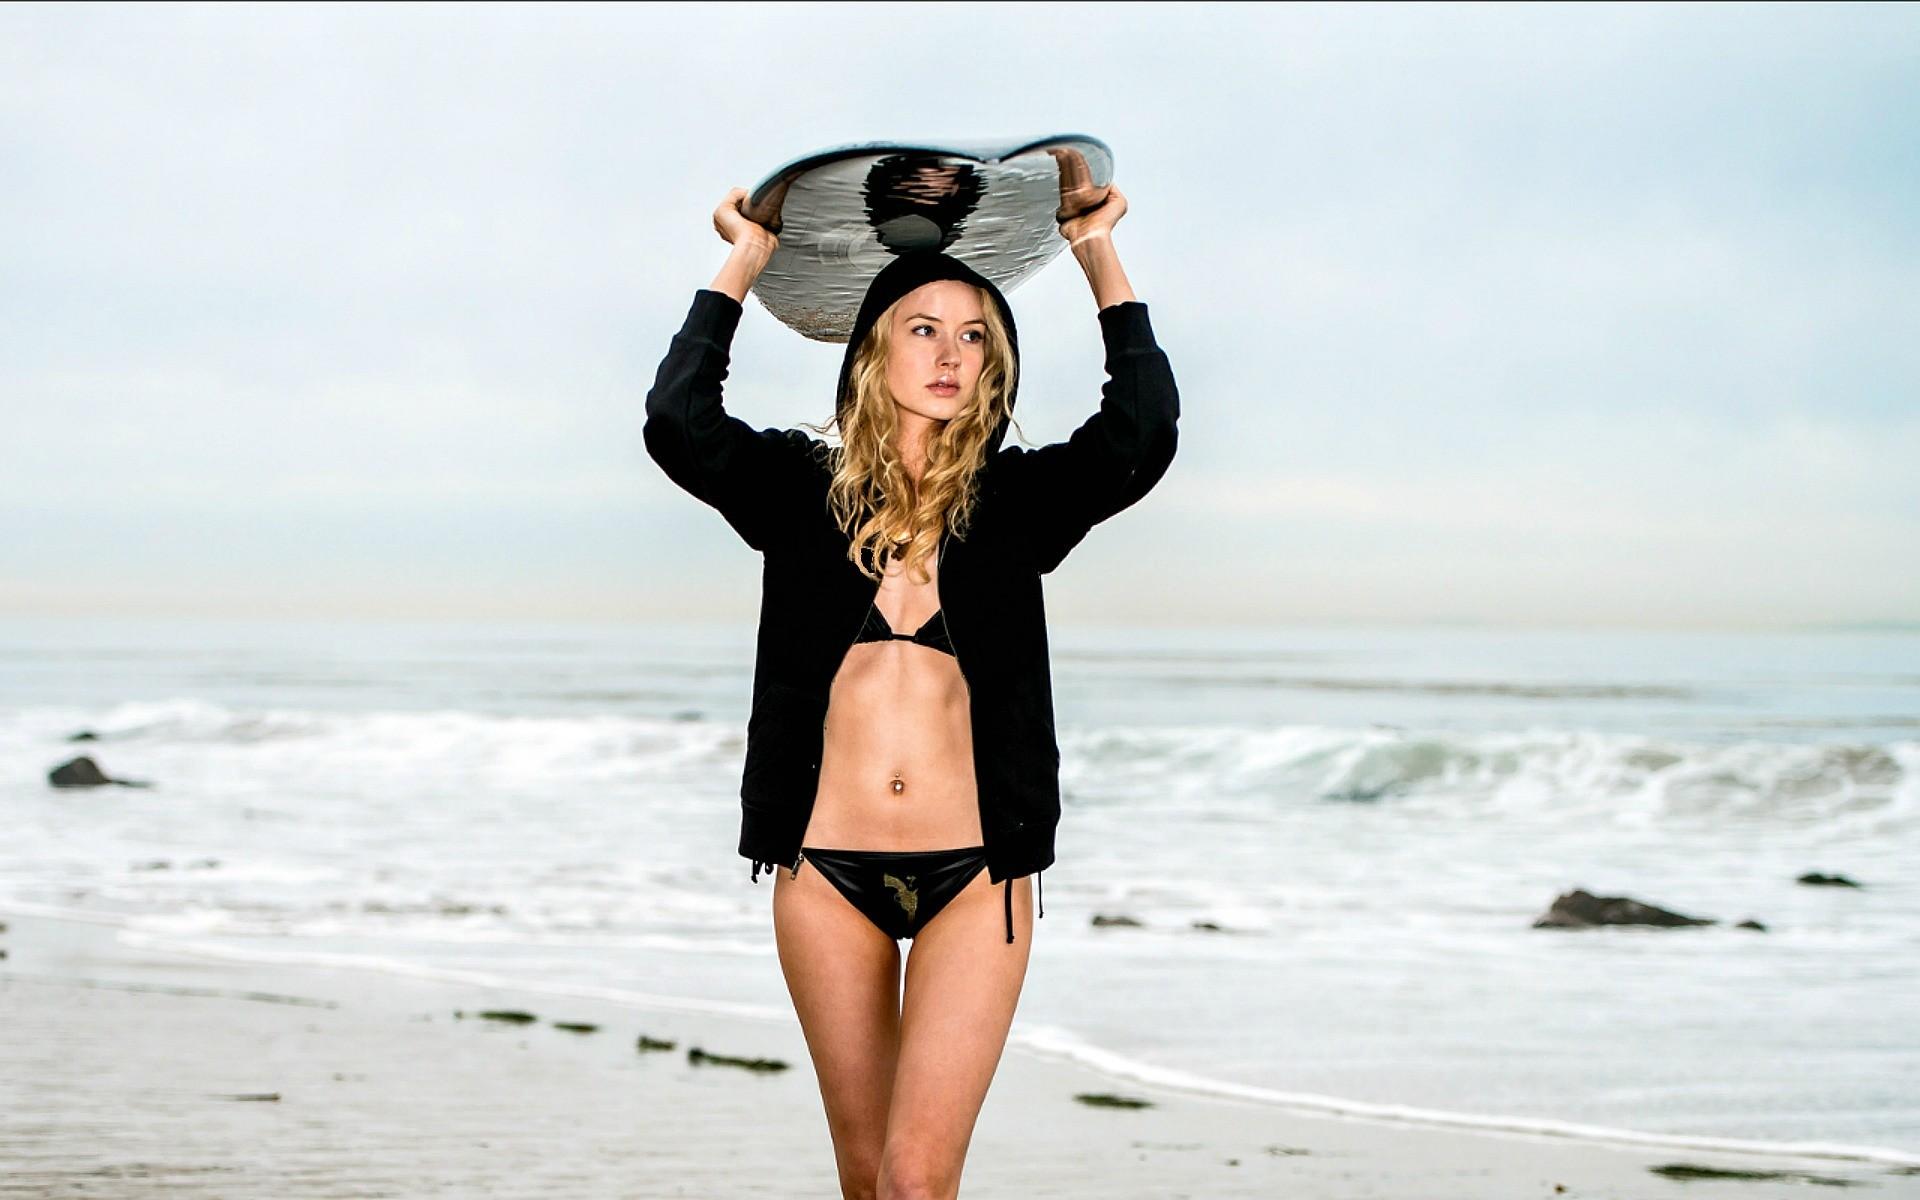 surfer girl 28100